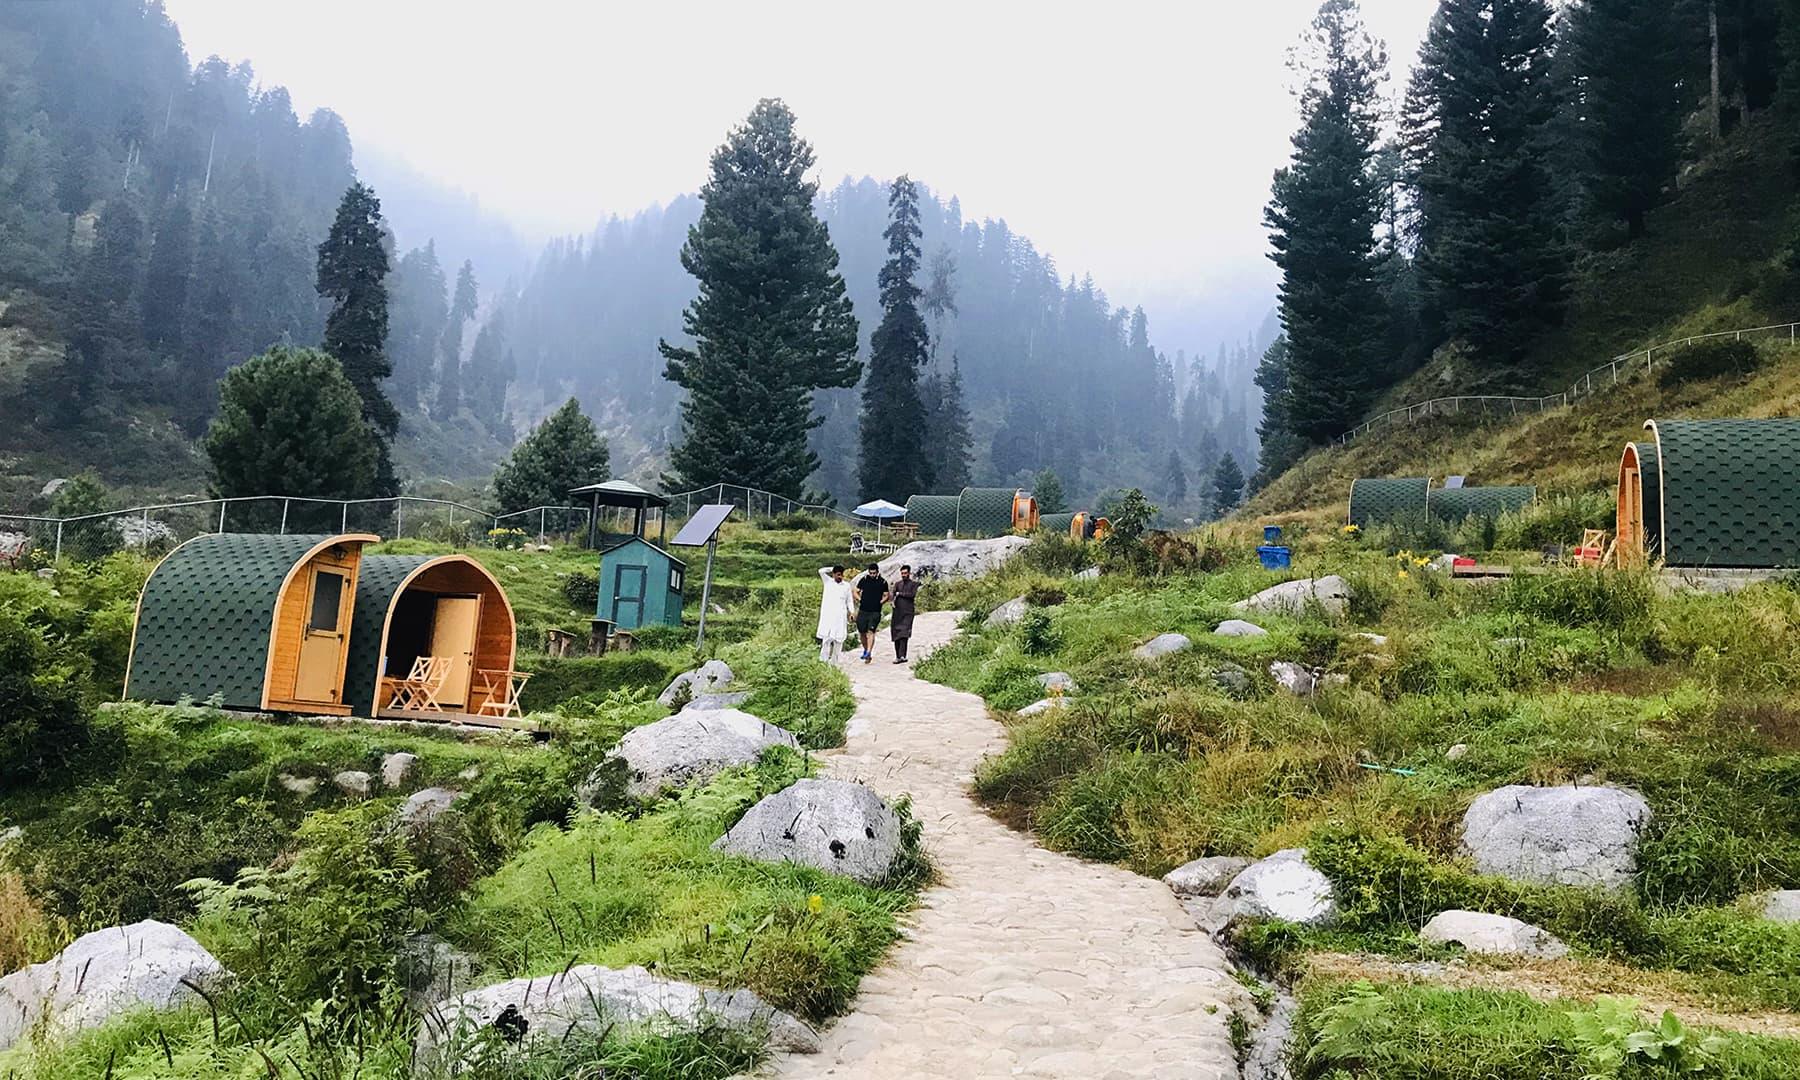 مٹہ سوات سے 20 کلومیٹر کے فاصلے پر واقع جنت نظیر سیاحتی مقام گبین جبہ— عظمت اکبر